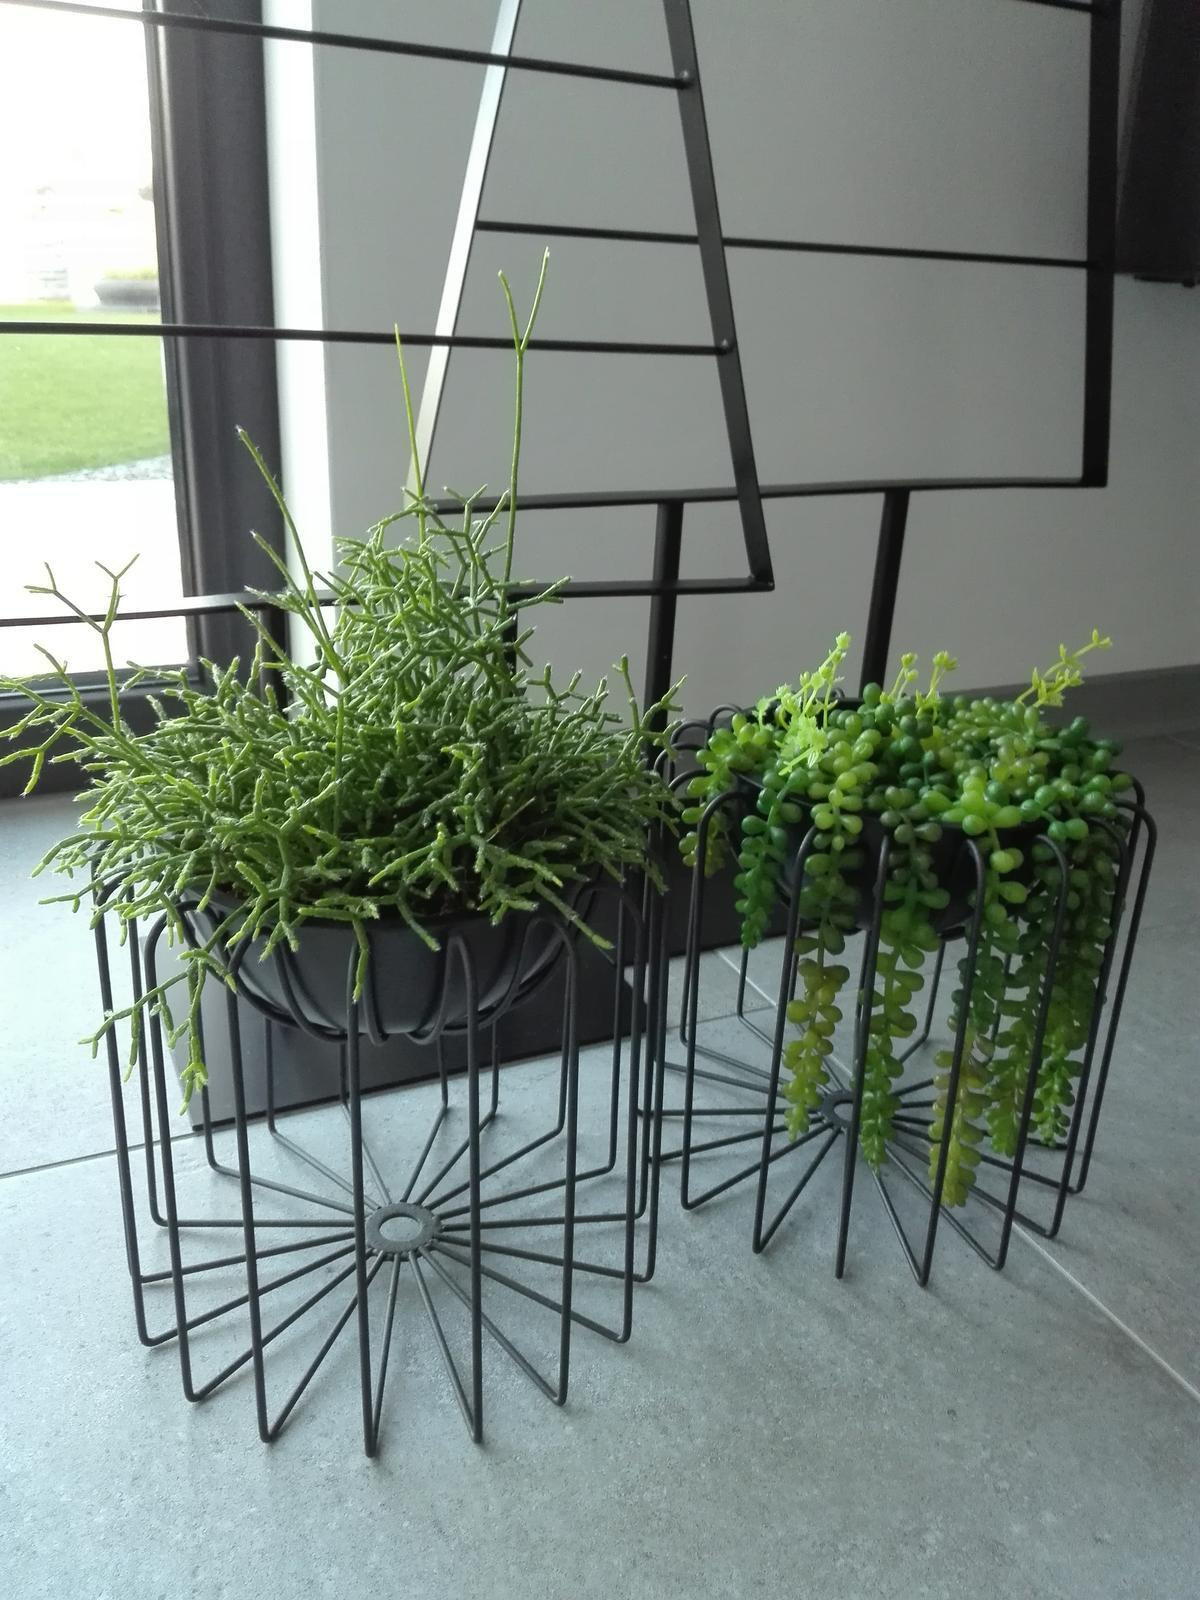 2x designovy kvetinac cerny kov, plastovy kvetinac - Obrázek č. 3